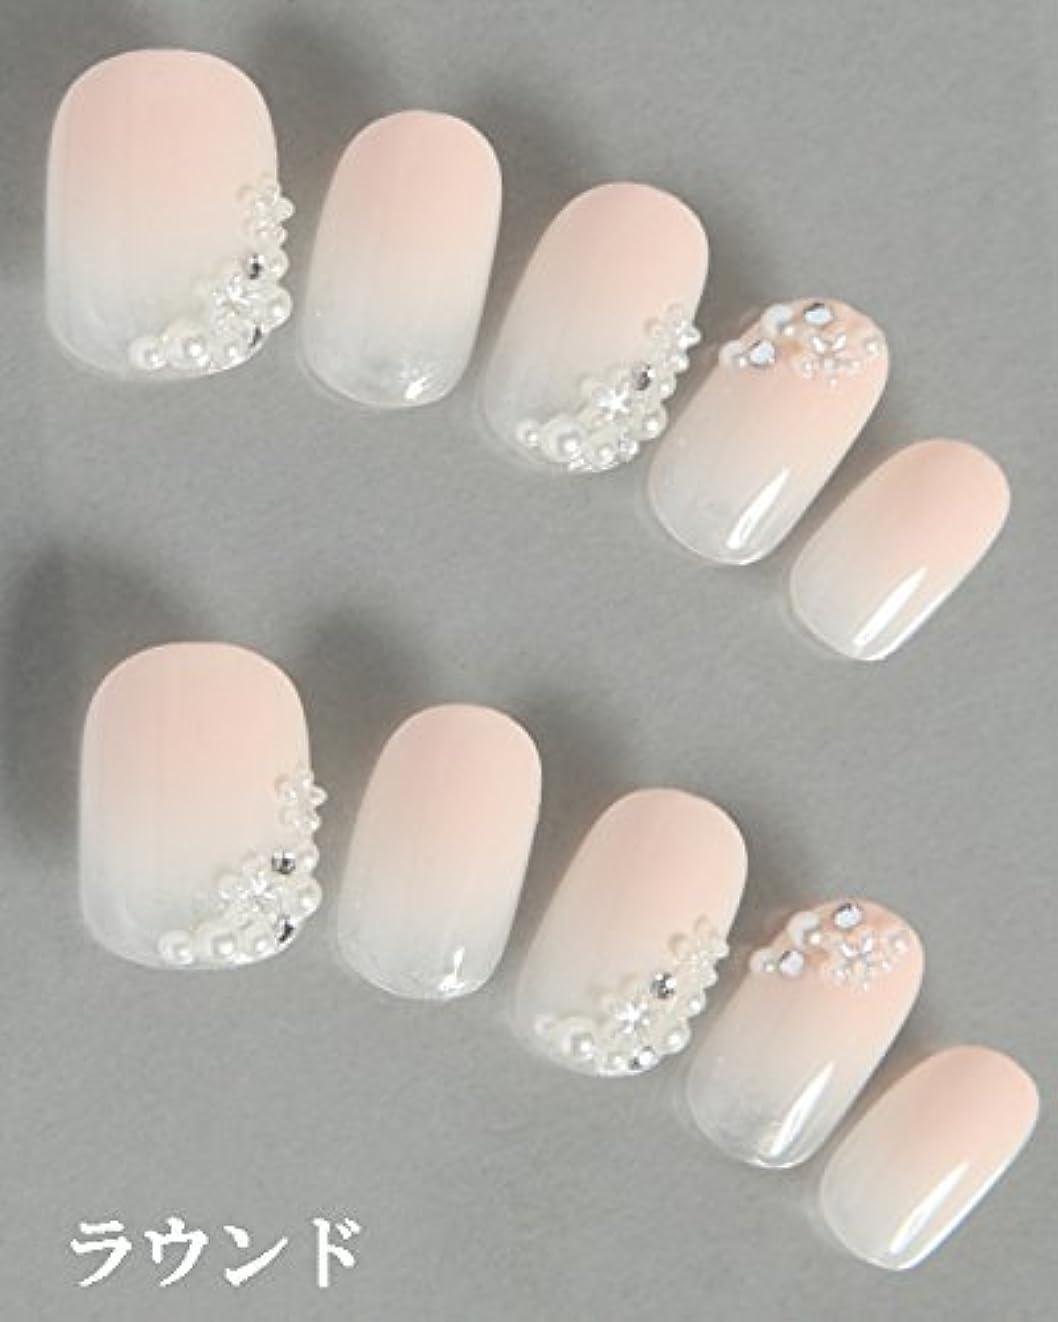 慰めグレードモニターゆずネイル ネイルチップ 薄ピンク 花 シンプル(B04001-R-CCP)